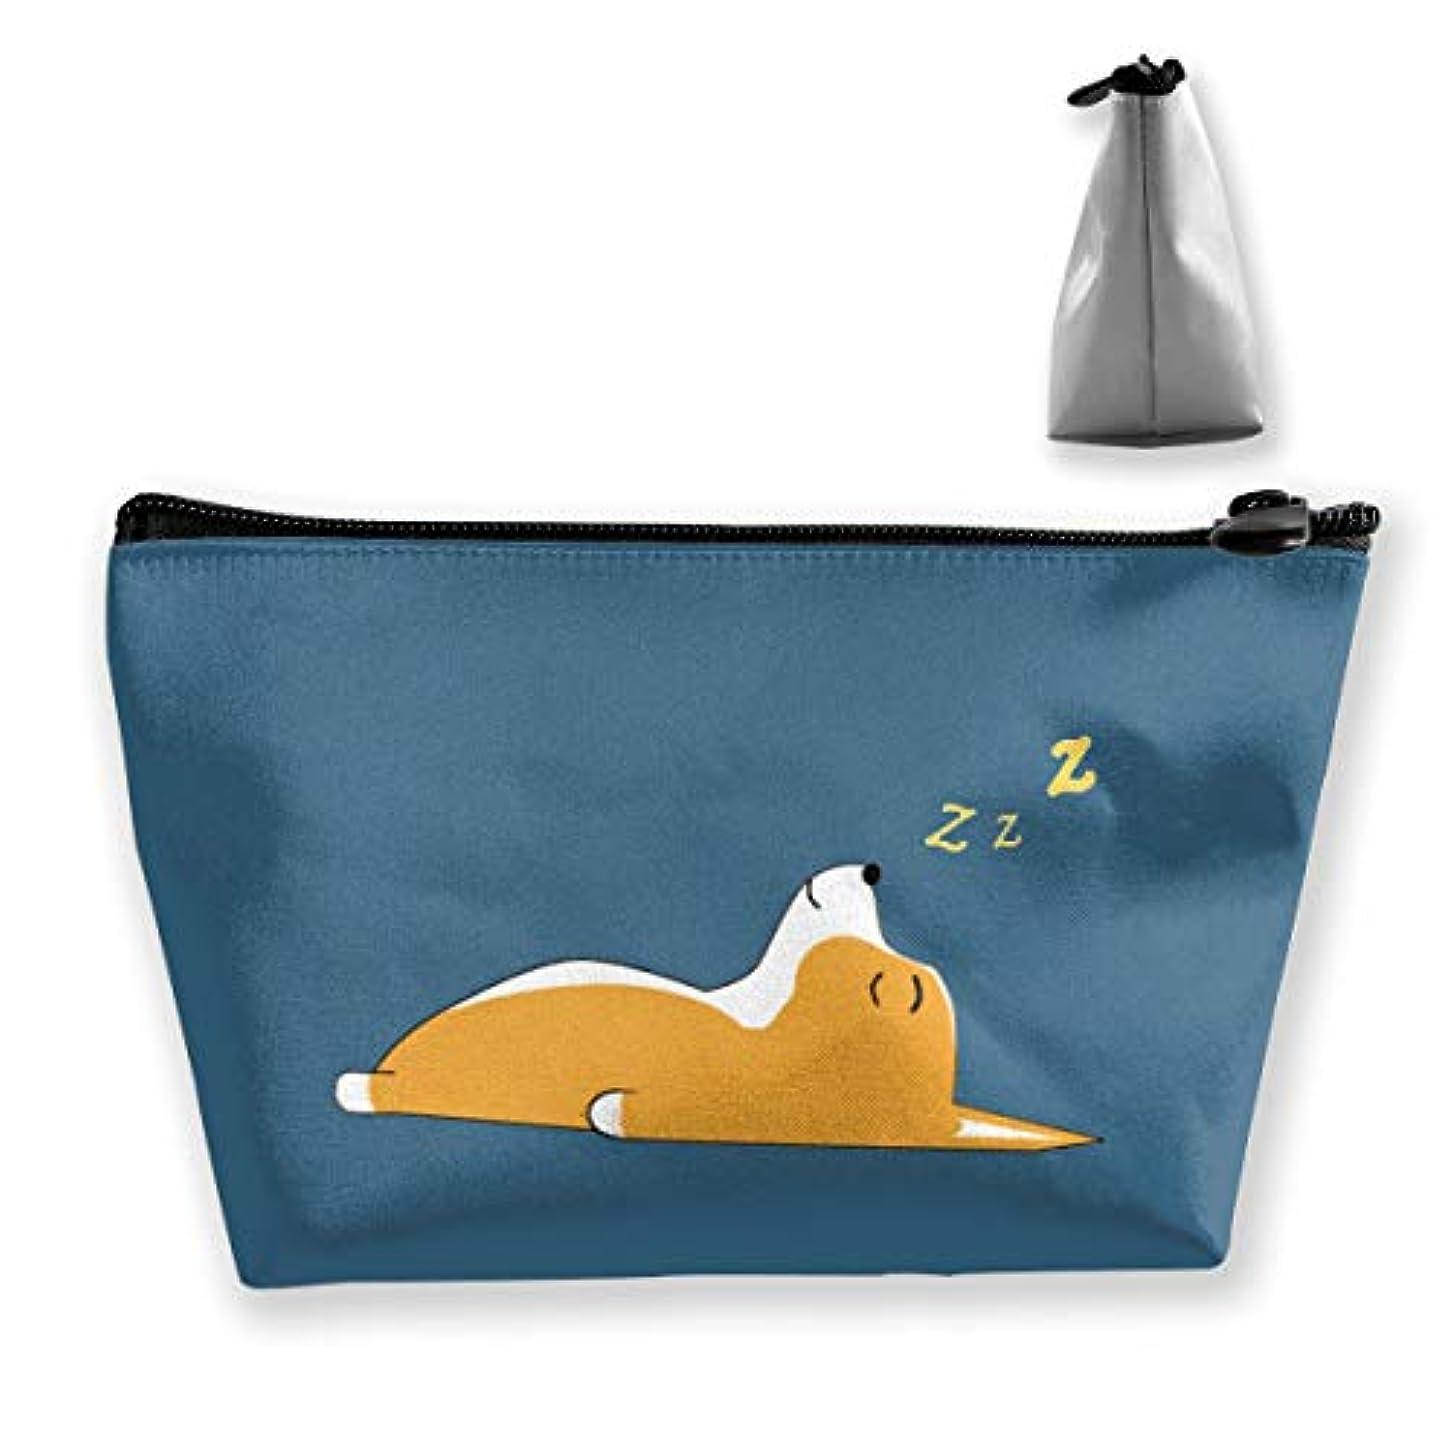 プレゼント選ぶ昇るコーギードリームス 収納ポーチ 化粧バッグ 大容量 台形 収納袋 小銭入れ 小物用ケース 携帯便利 防水 出張 旅行